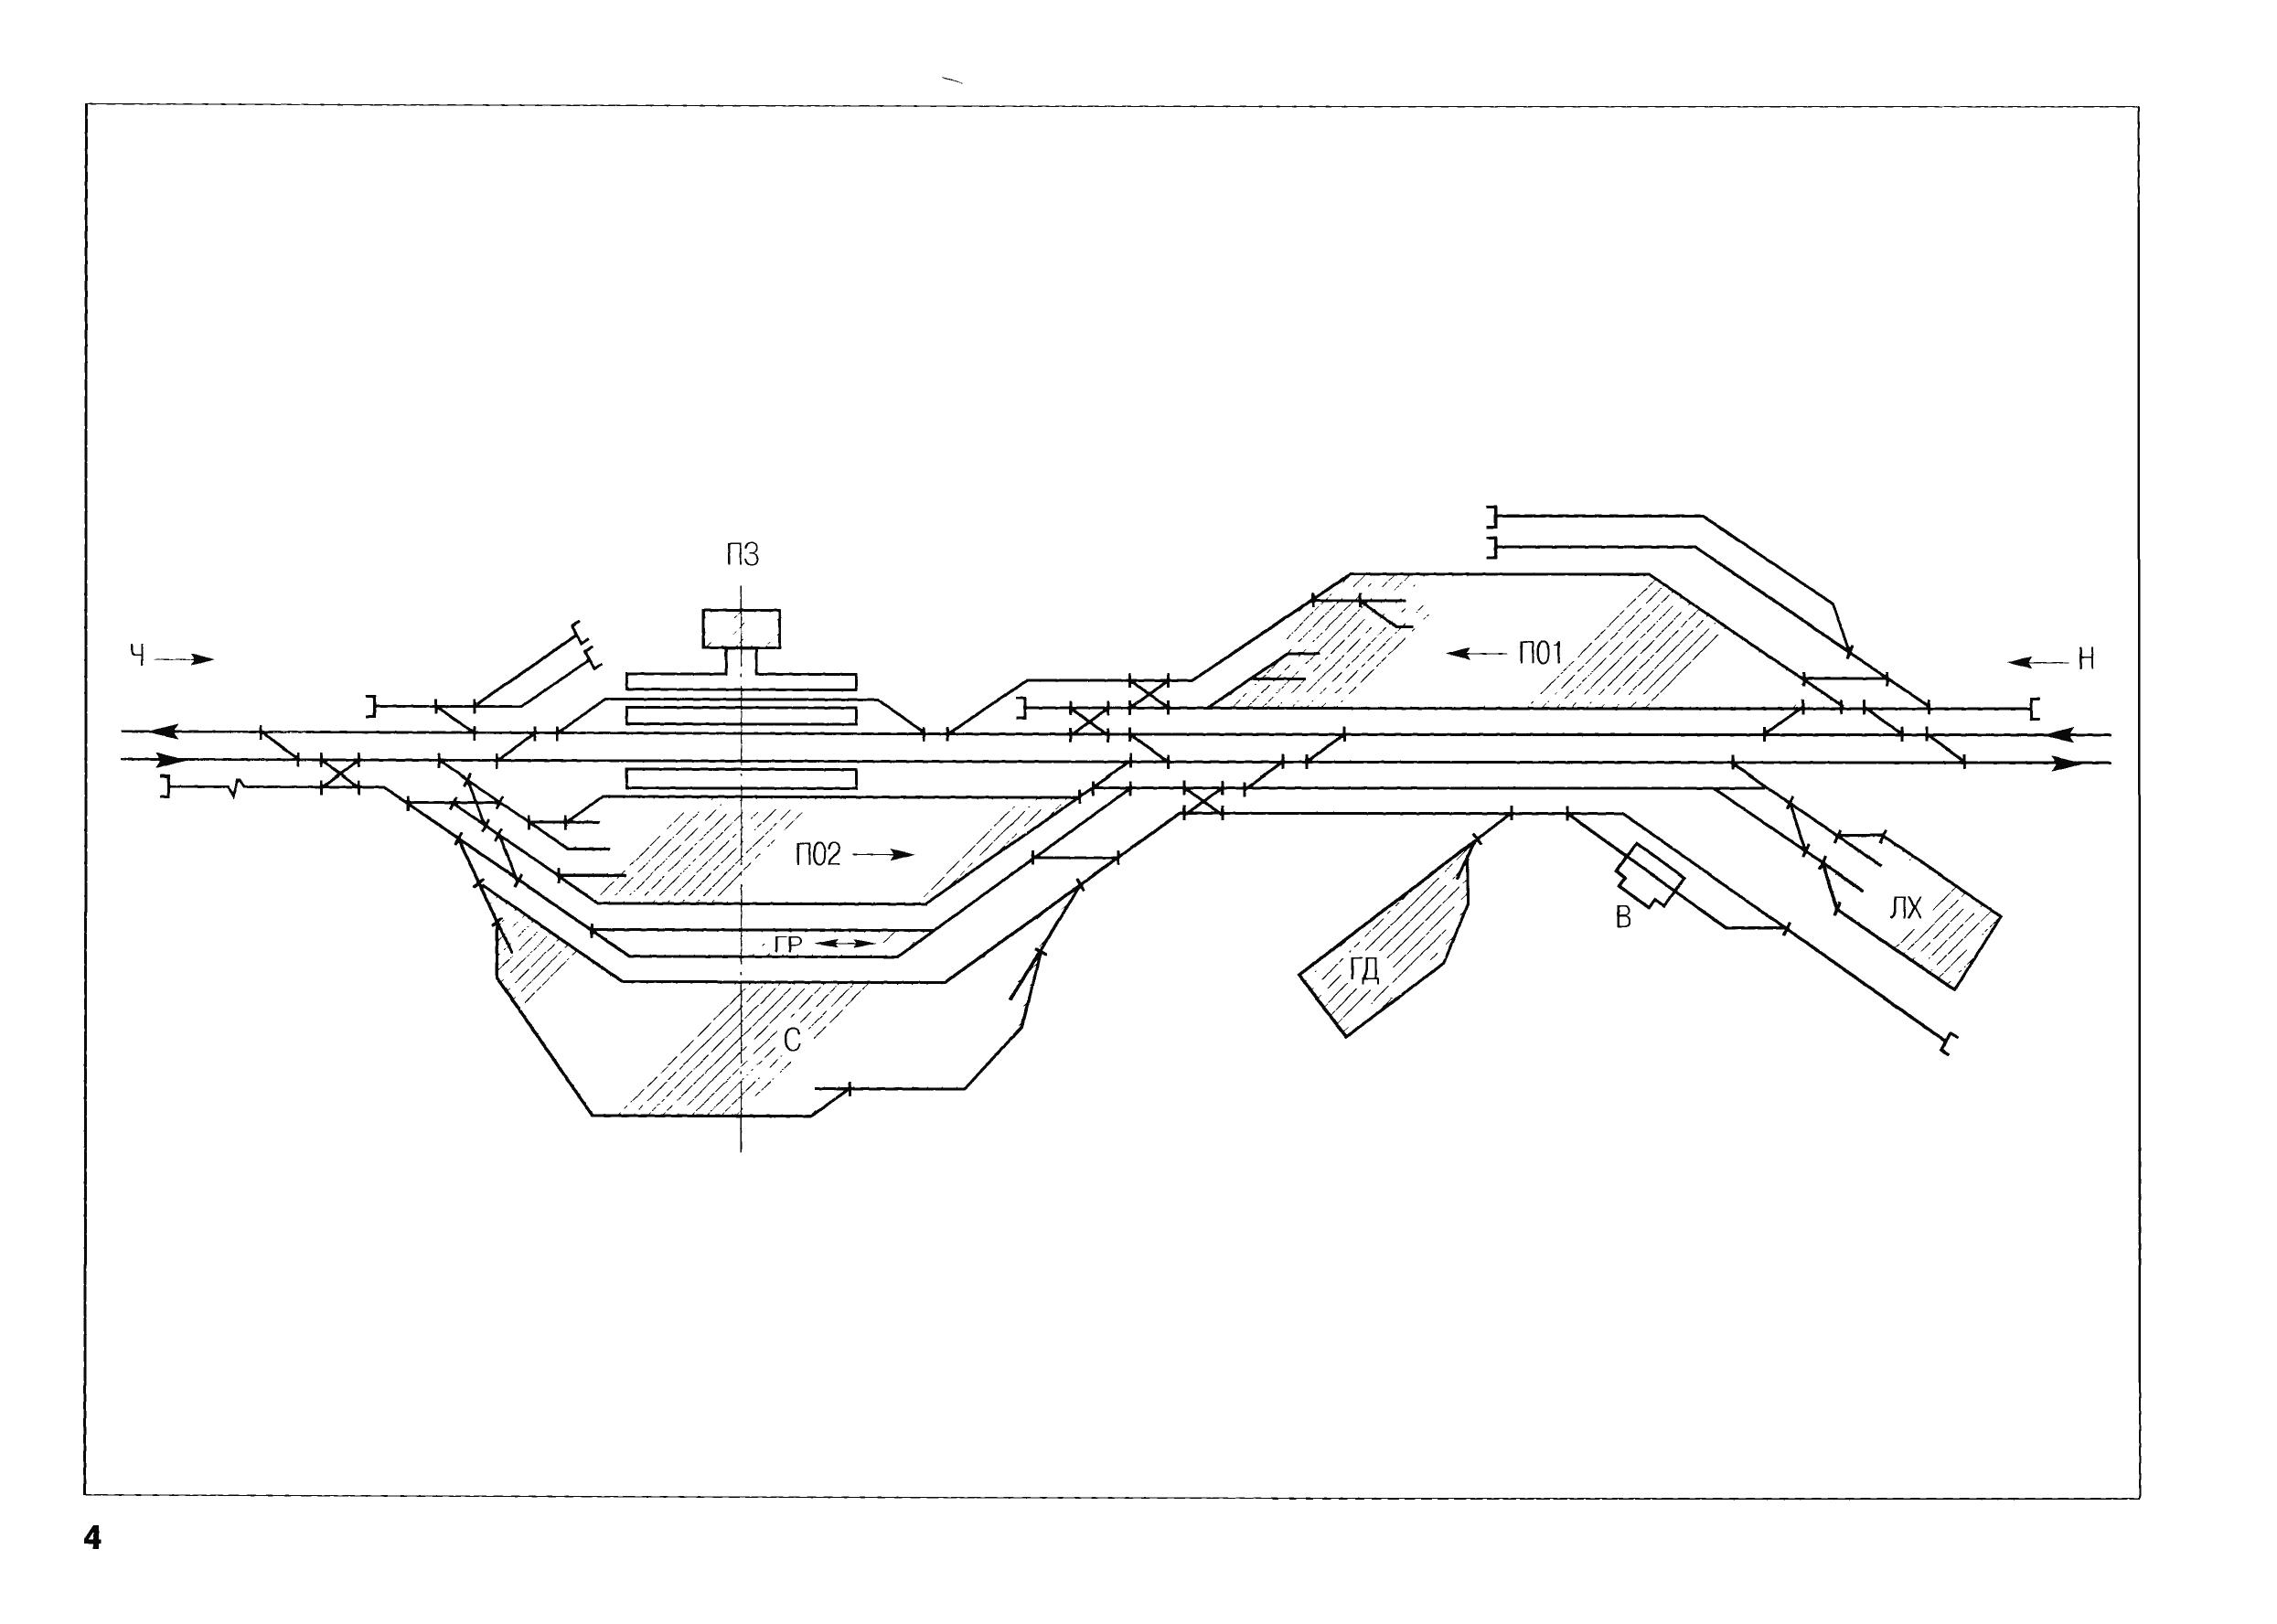 Техническое обслуживание централизованных стрелок - регулирование централизованных стрелок